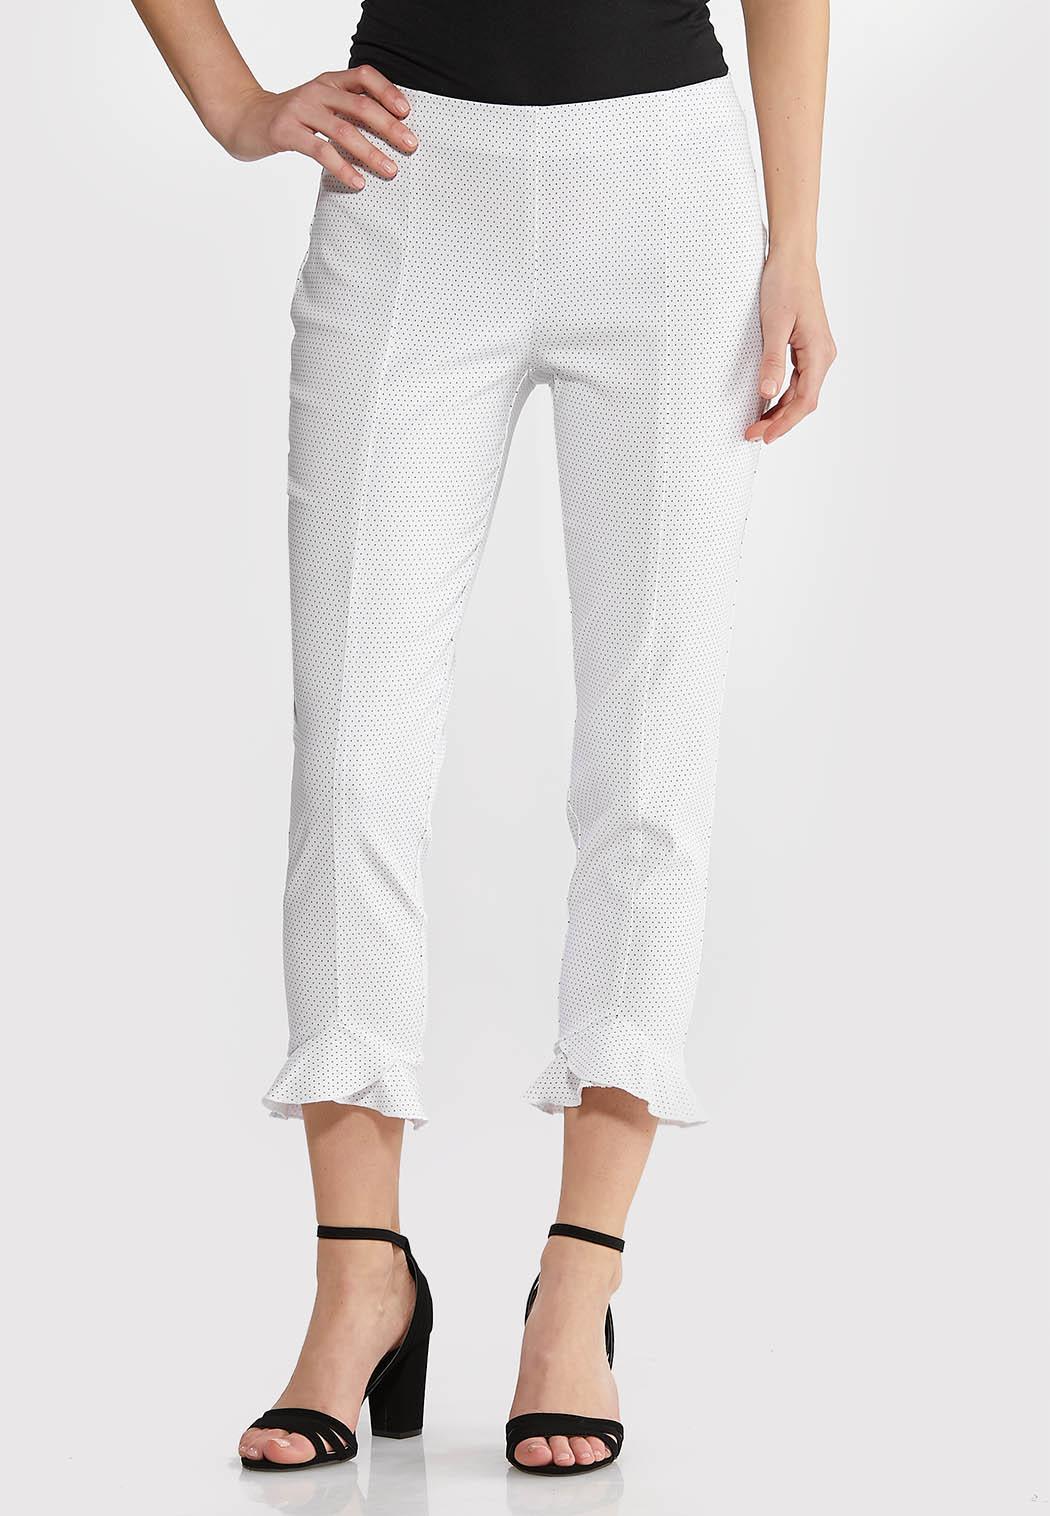 Ruffled Hem Dot Pants